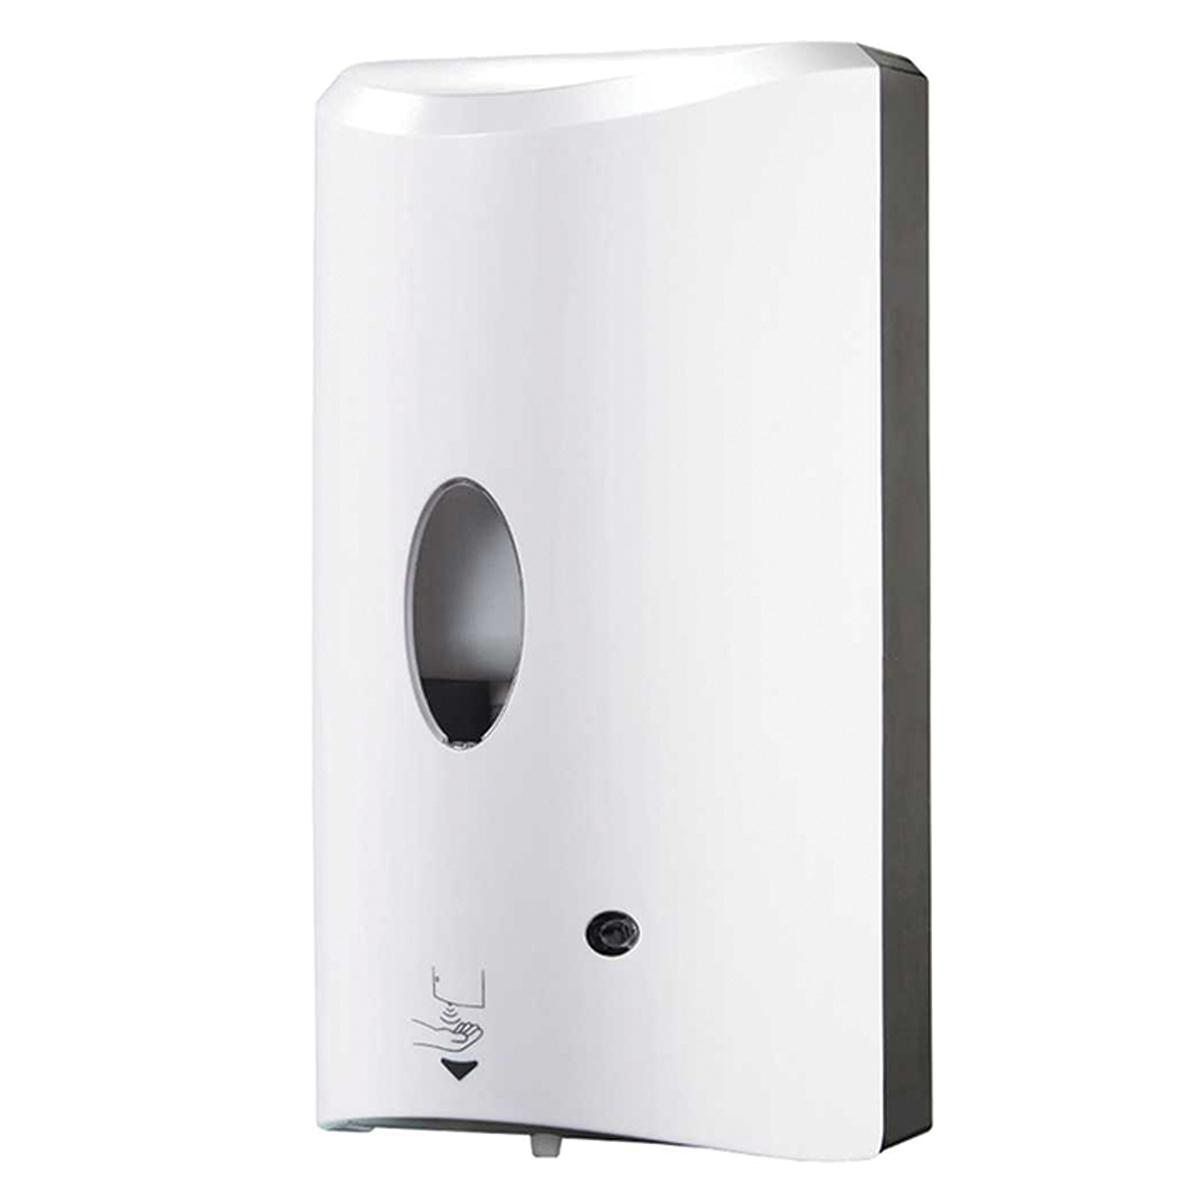 Distributeur automatique de désinfectant pour les mains sans contact